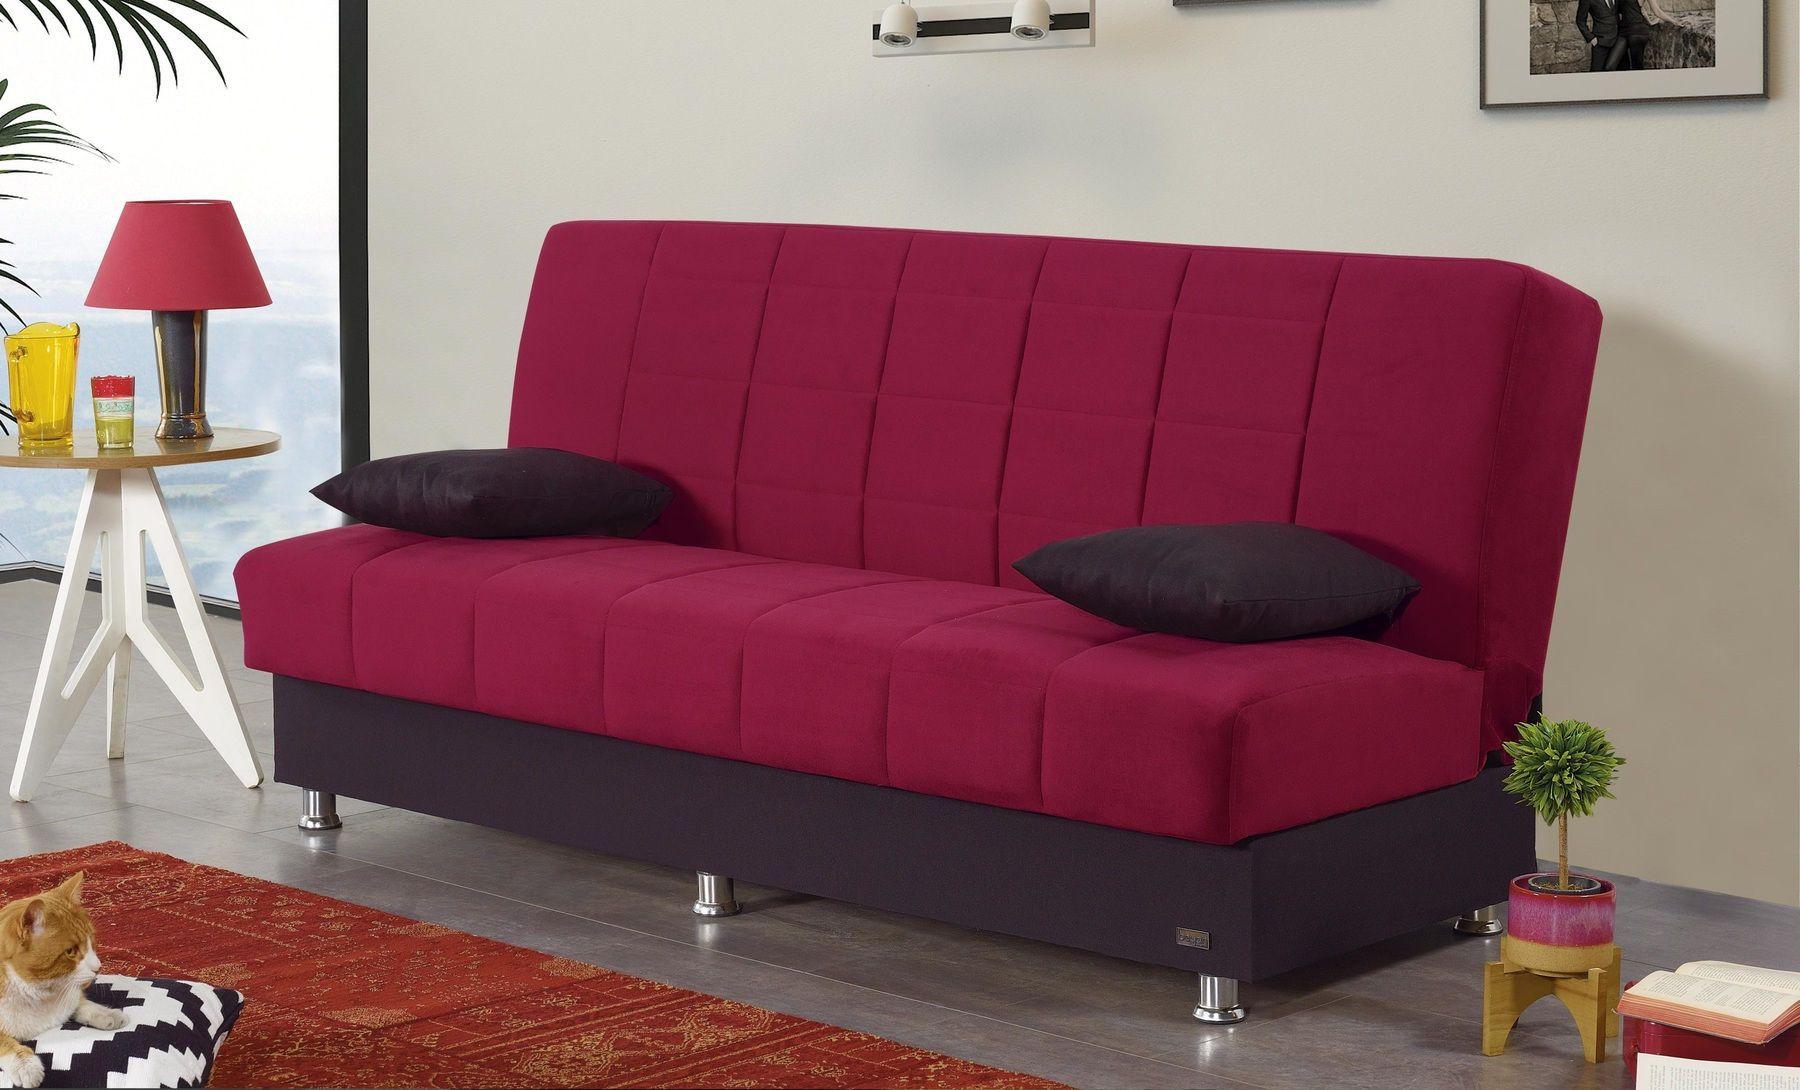 Chicago Sofa Bed In 2020 Elegant